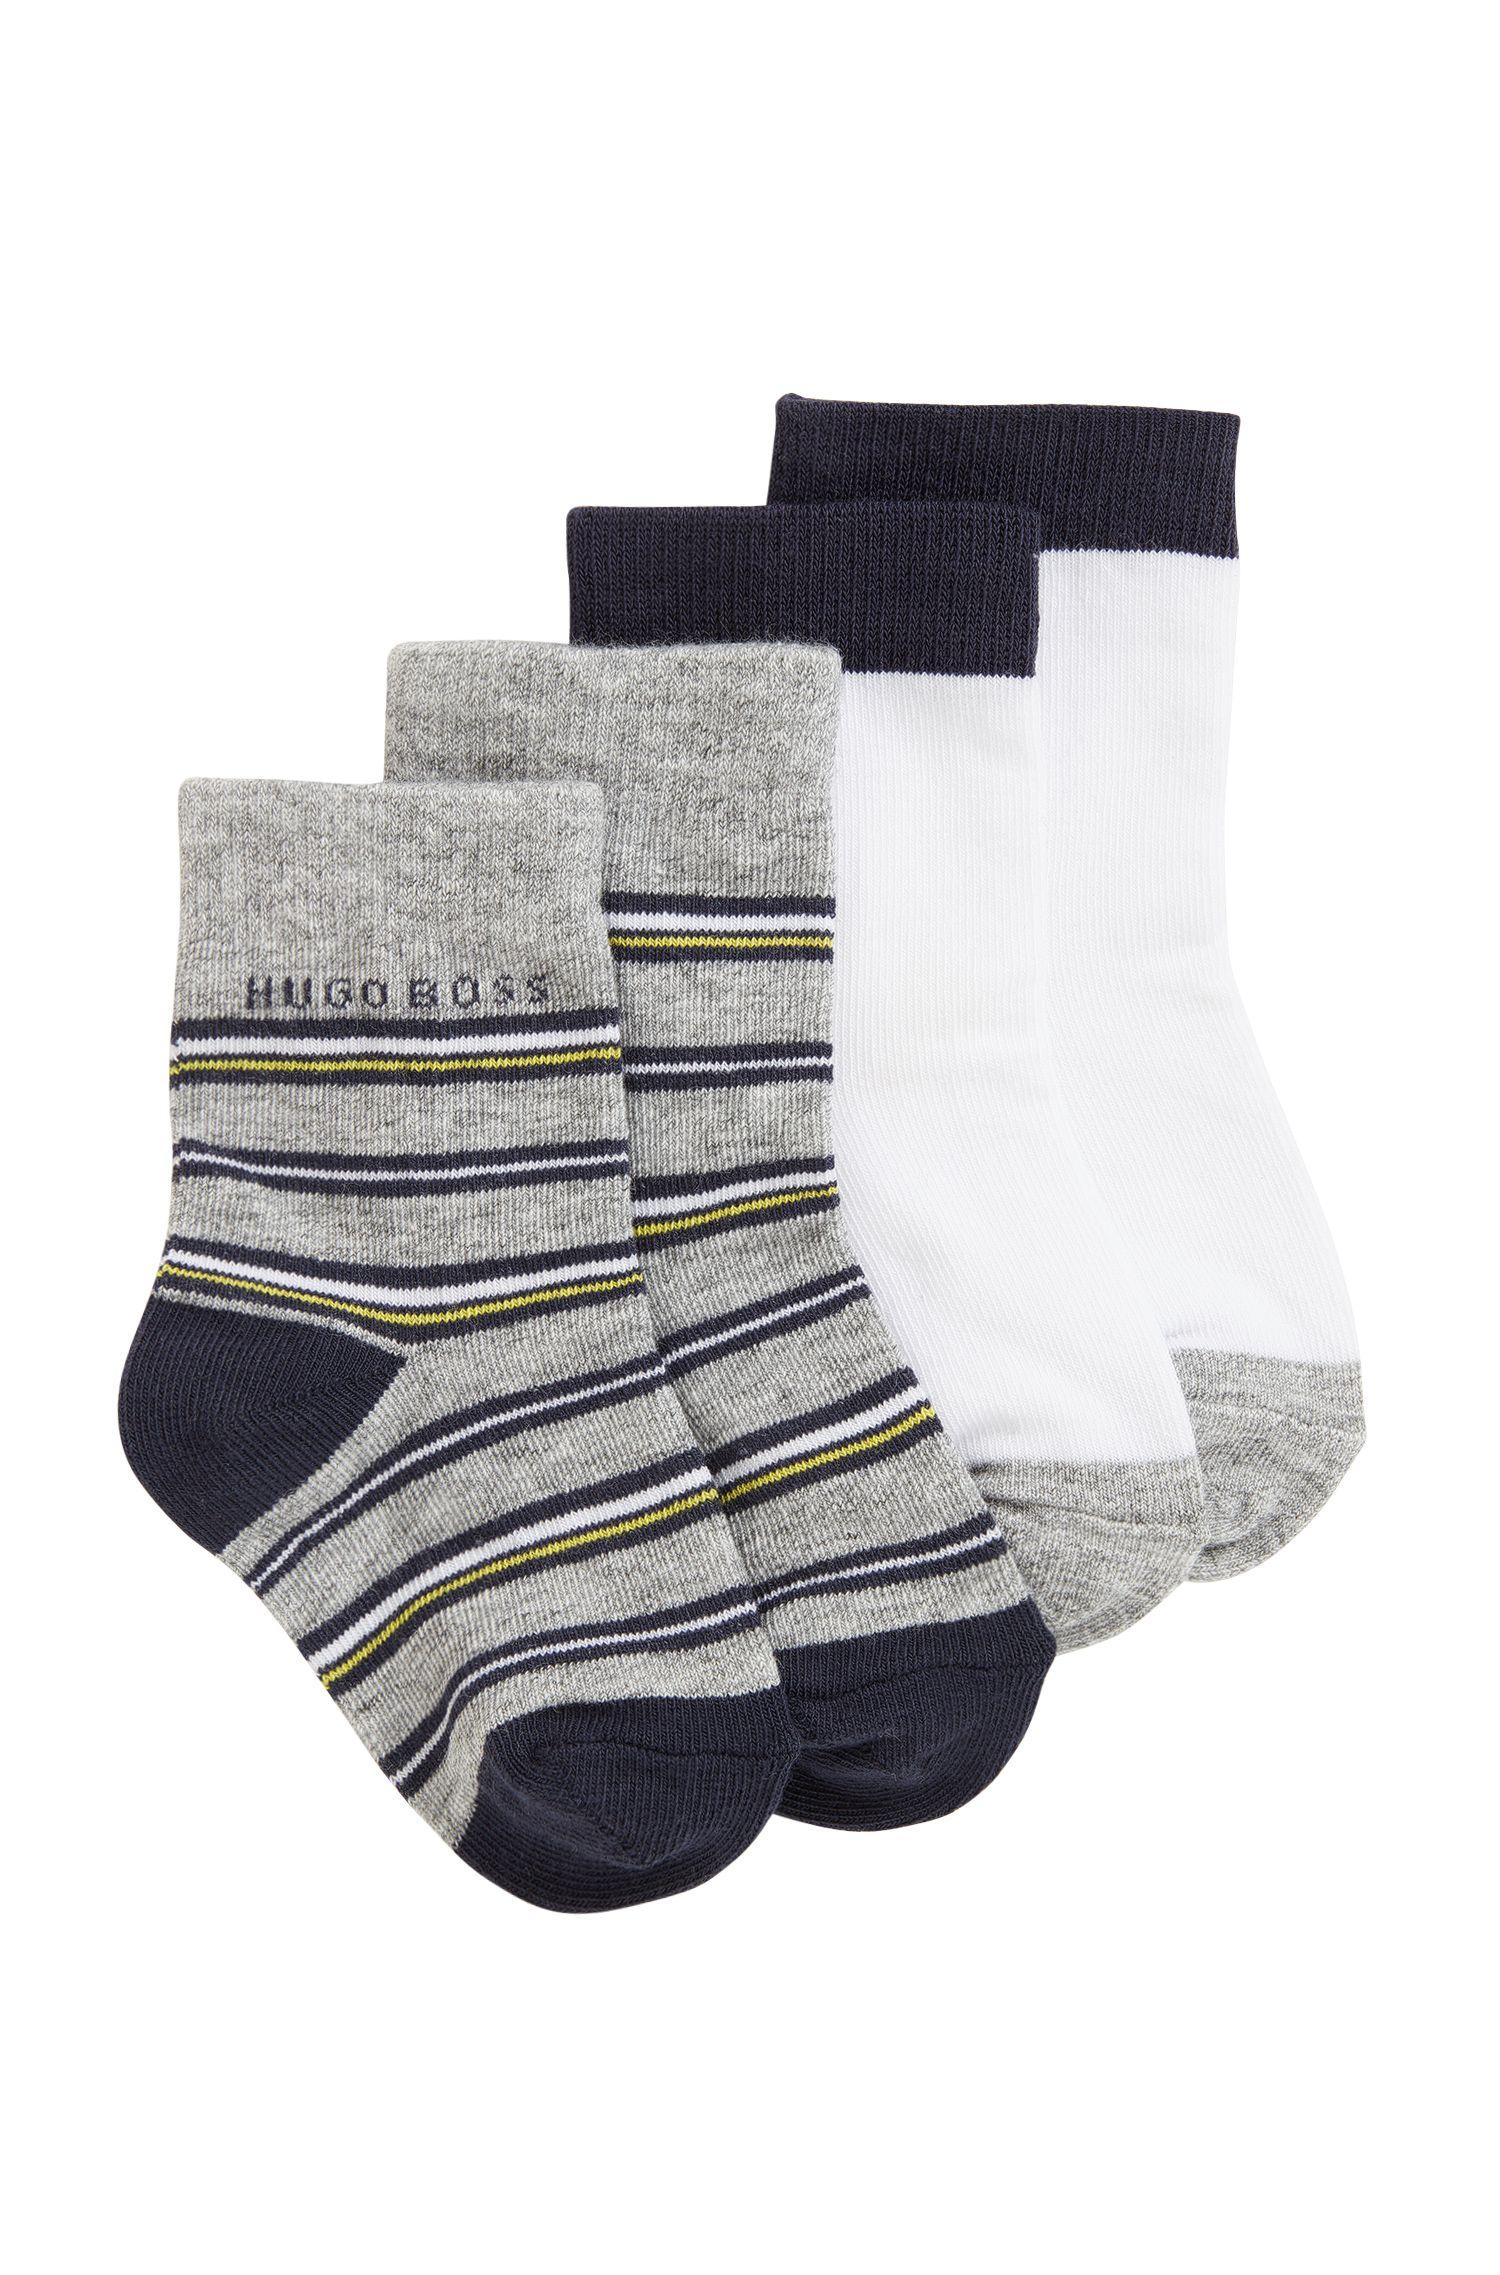 Lot de deux paires de chaussettes pour enfant en jacquard de coton stretch mélangé, Fantaisie